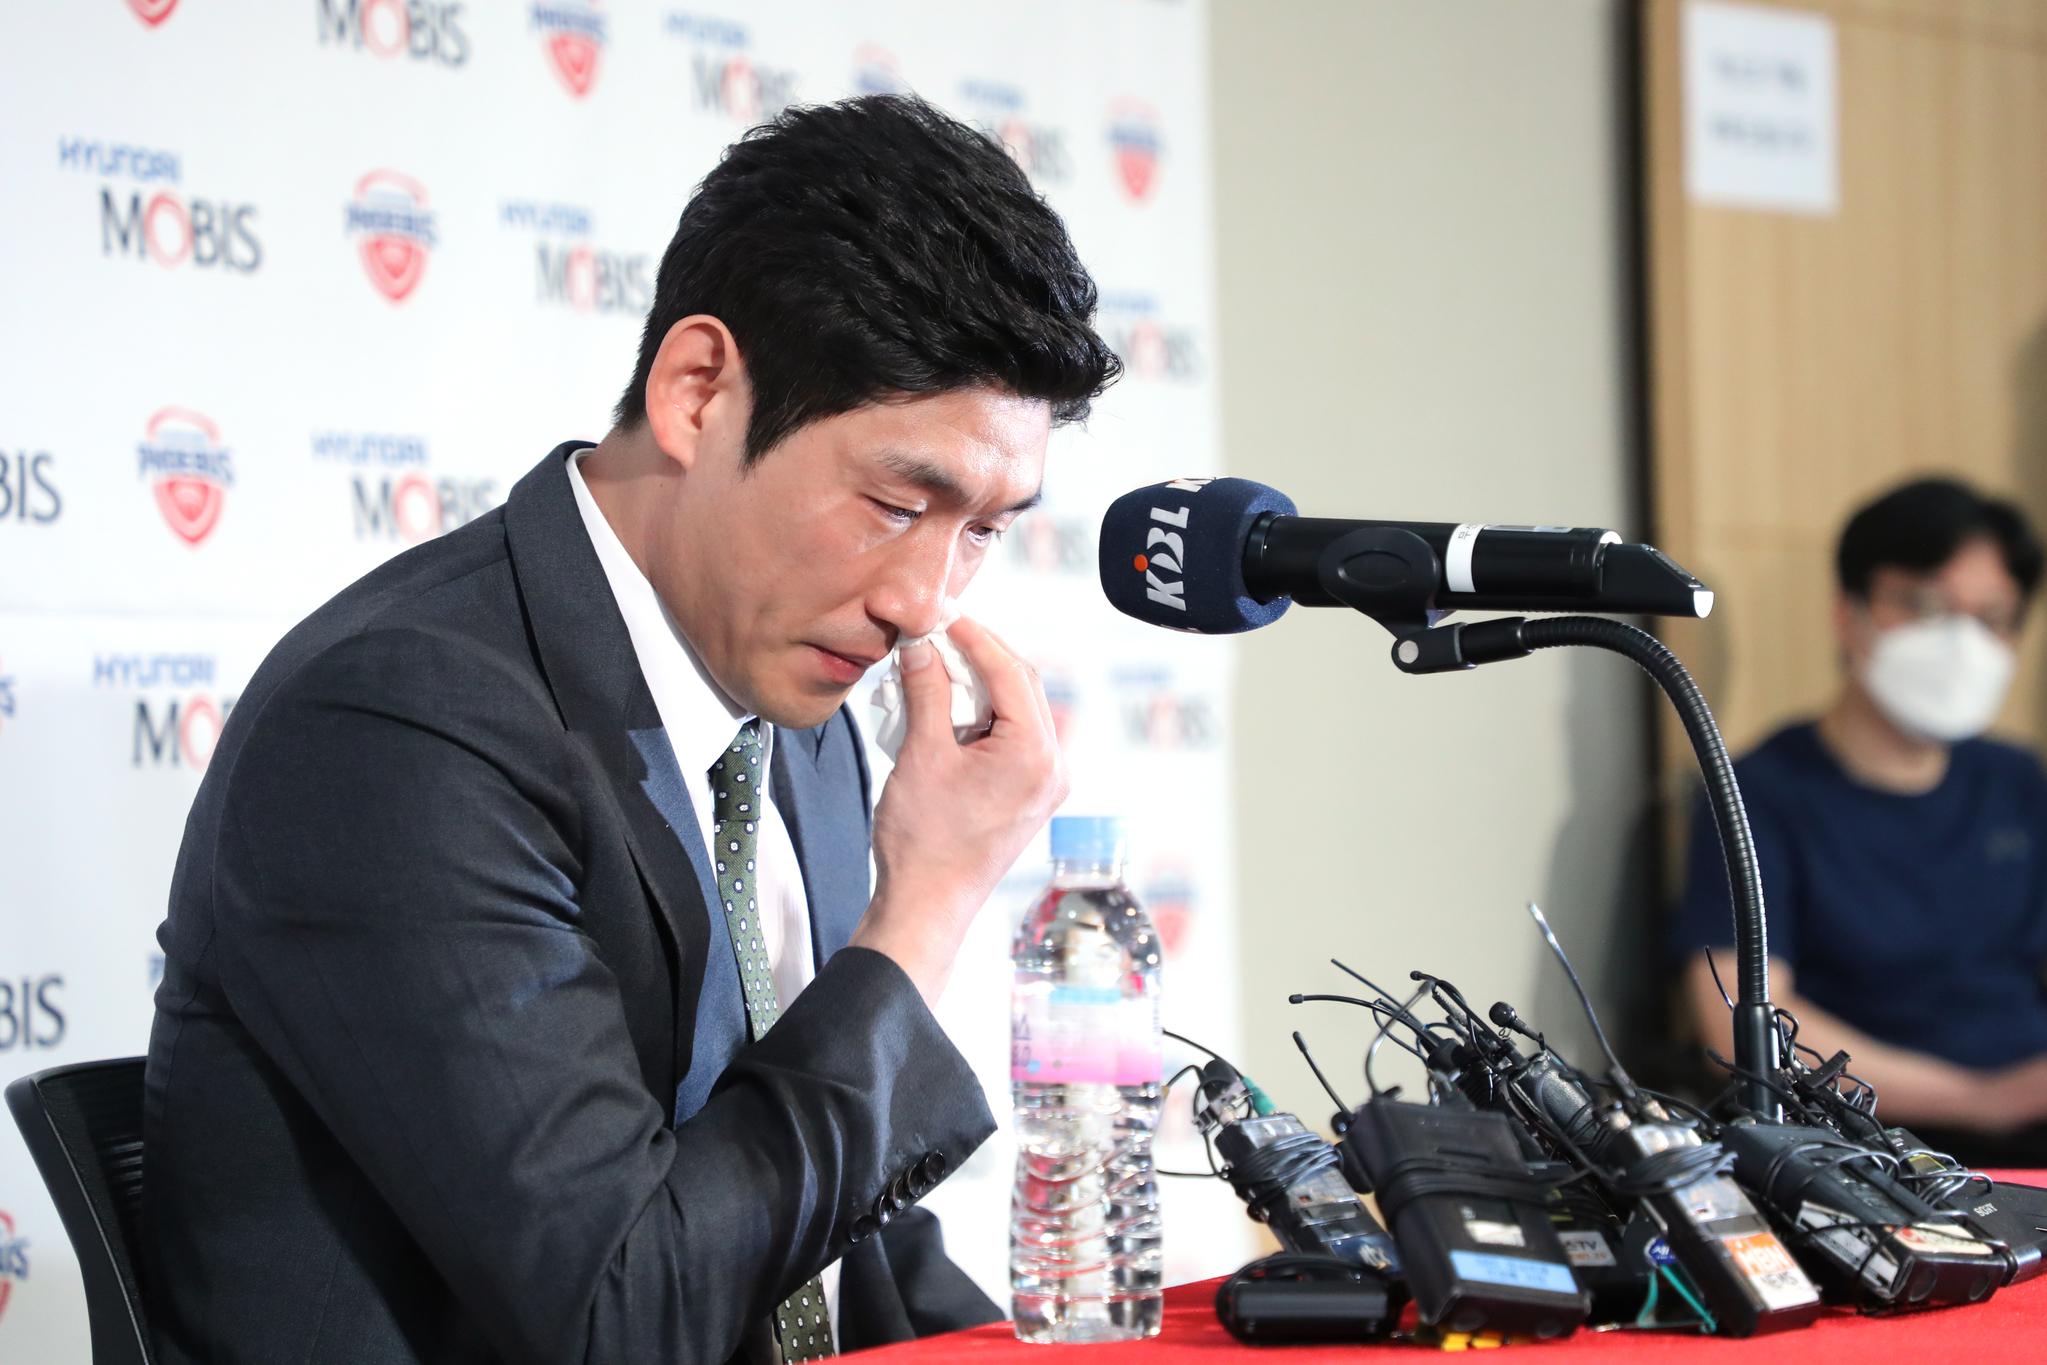 프로농구 울산 현대모비스 양동근이 1일 강남구 KBL센터에서 은퇴 기자회견을 하고 있다. [연합뉴스]